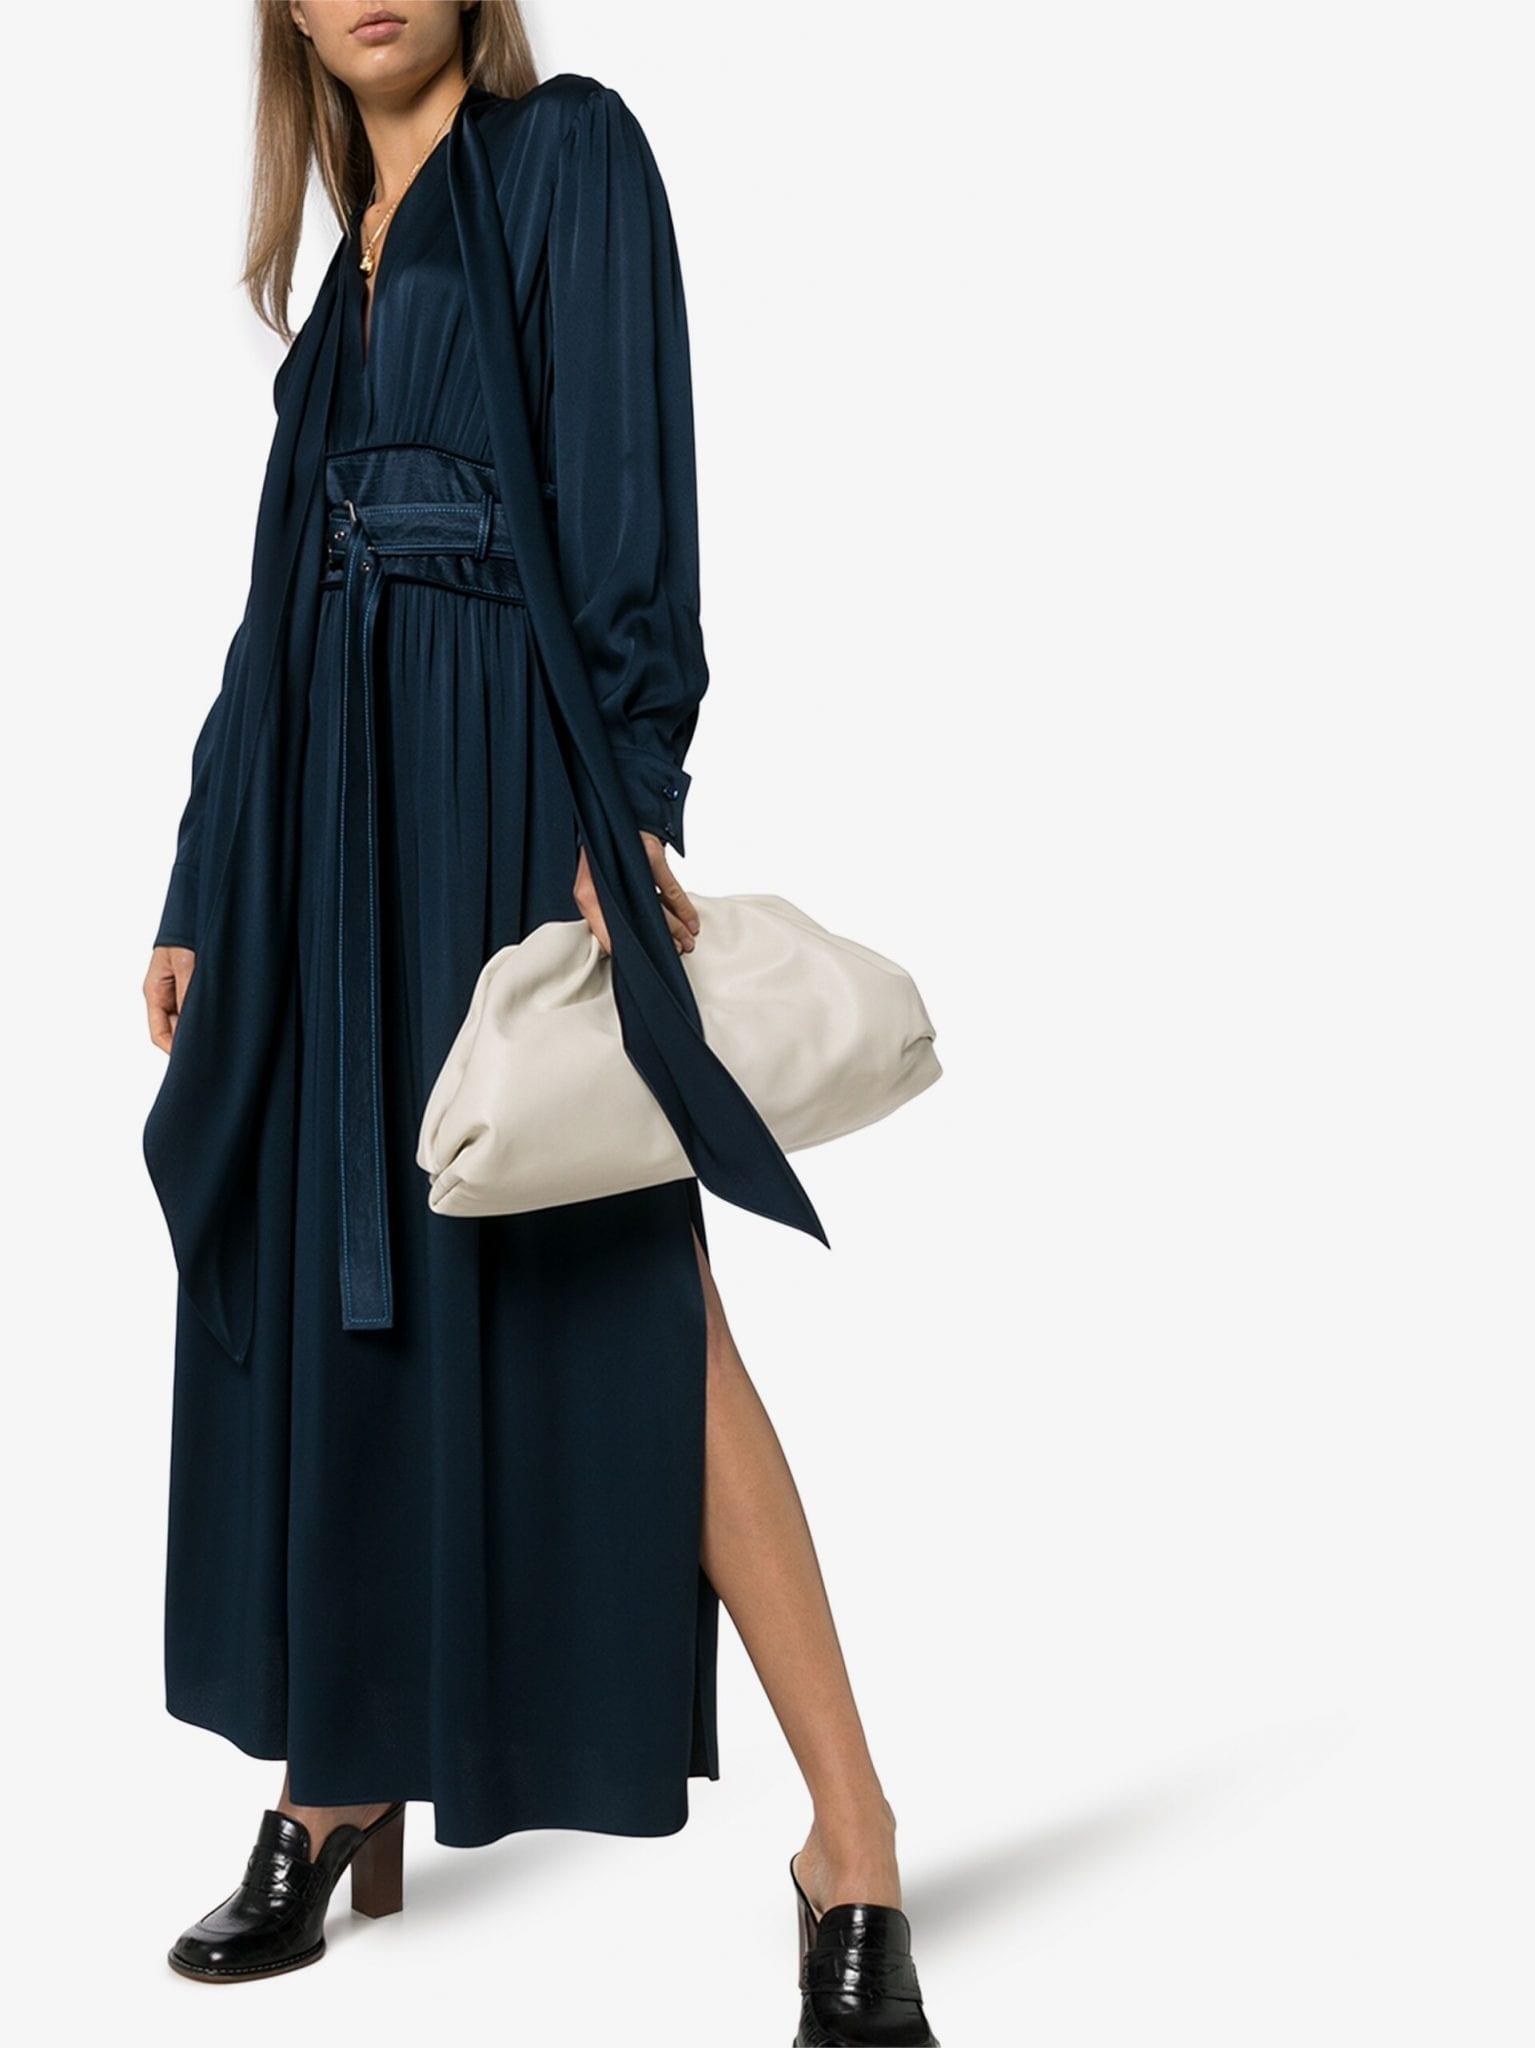 SHUTING QIU Floral Print Scarf Sleeve Mini Dress